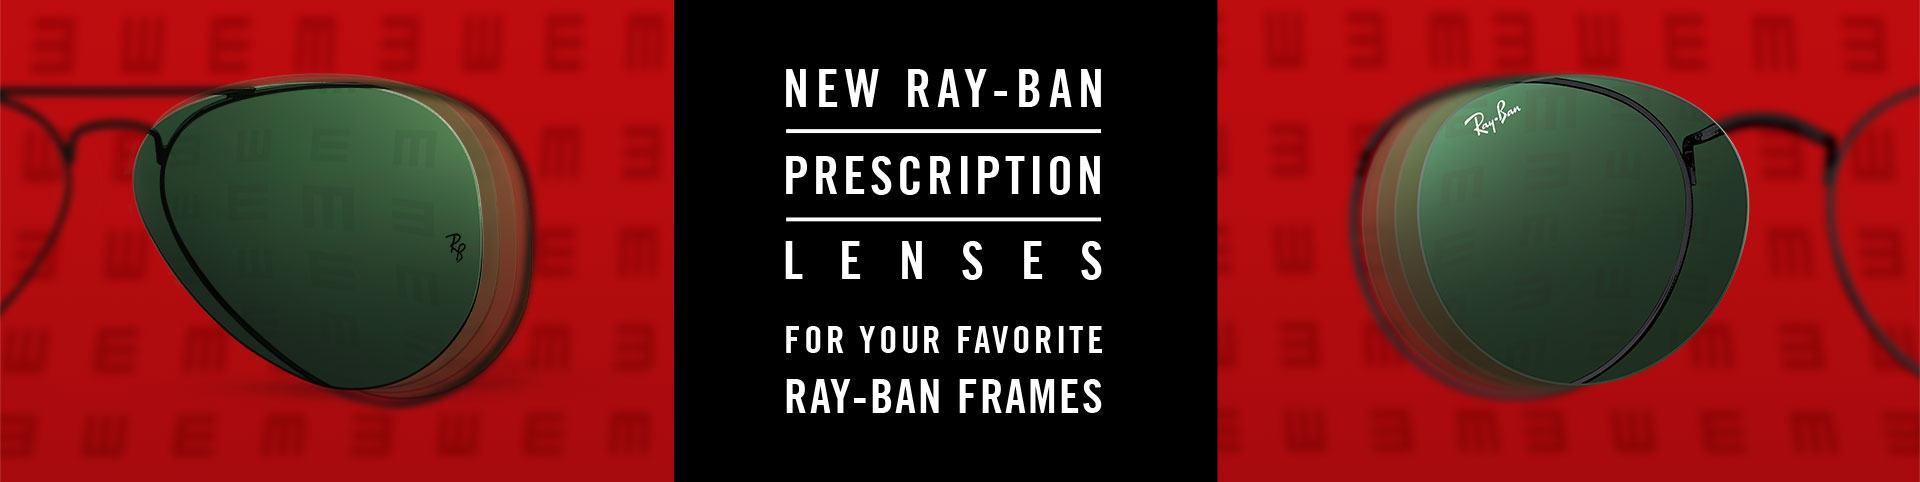 prescription sunglasses ray ban usa